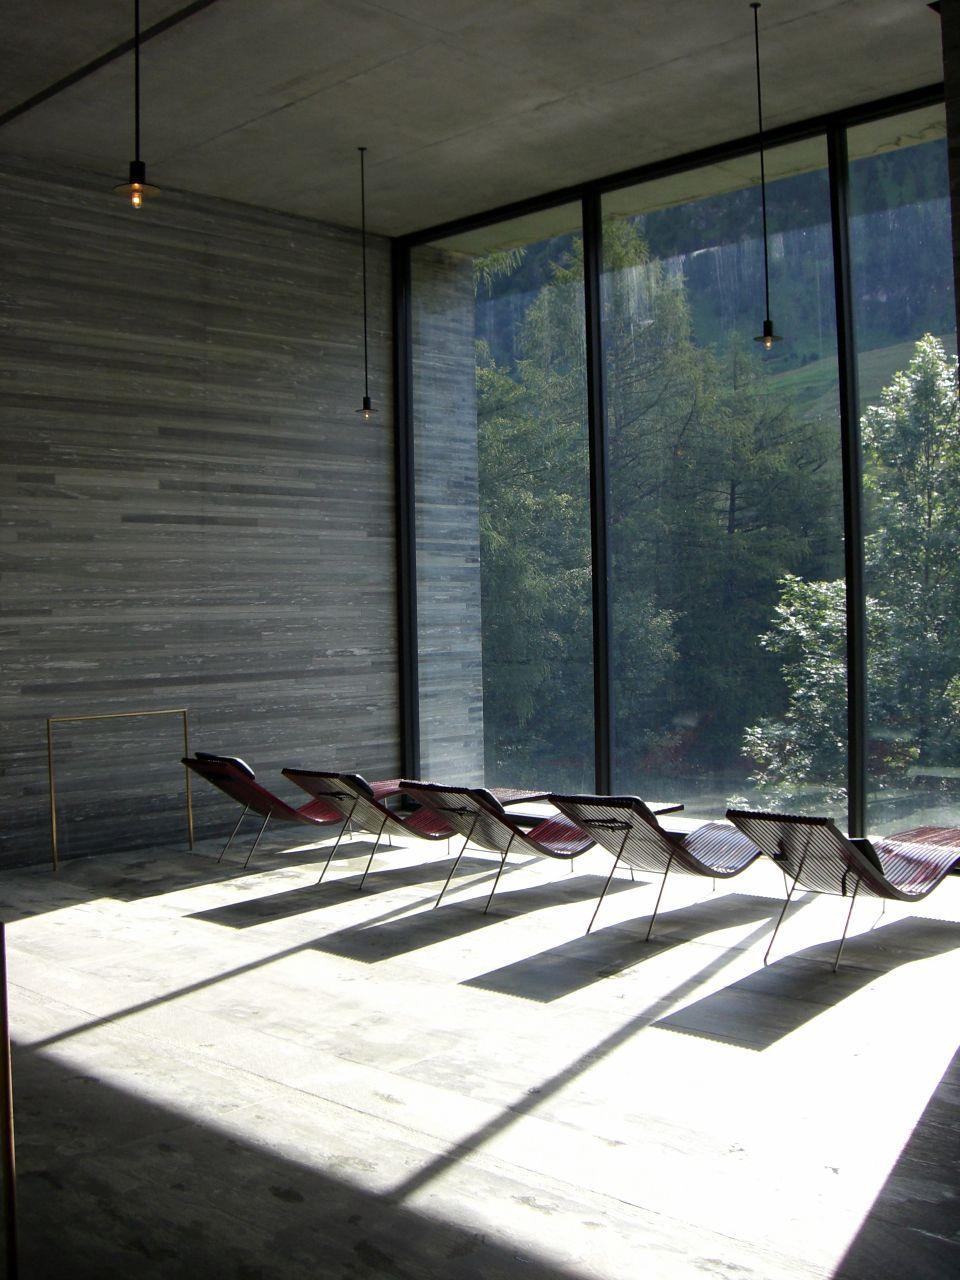 thermes de vals peter zuhmtor perspective pinterest. Black Bedroom Furniture Sets. Home Design Ideas